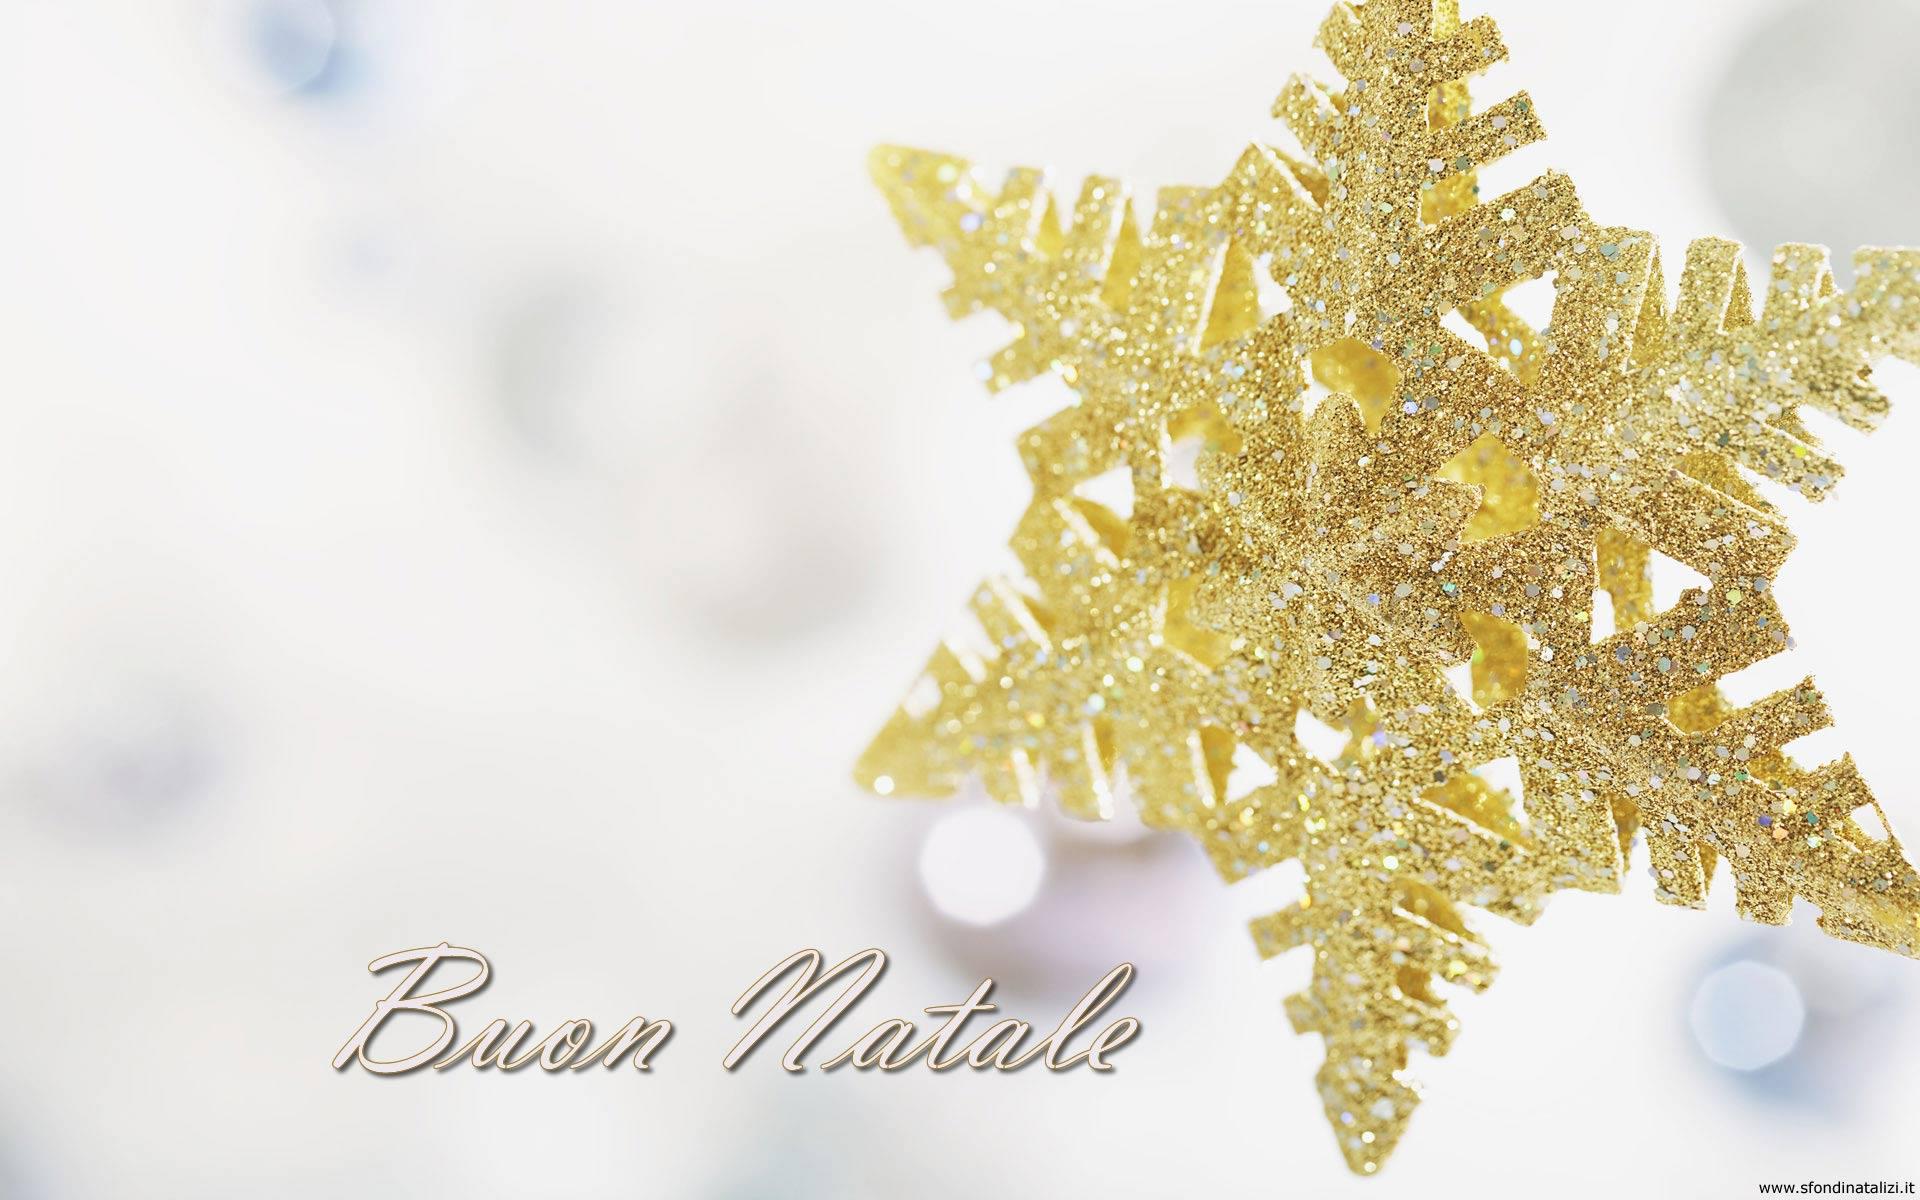 Sfondo desktop natale decorazione albero di natale for Natale immagini per desktop